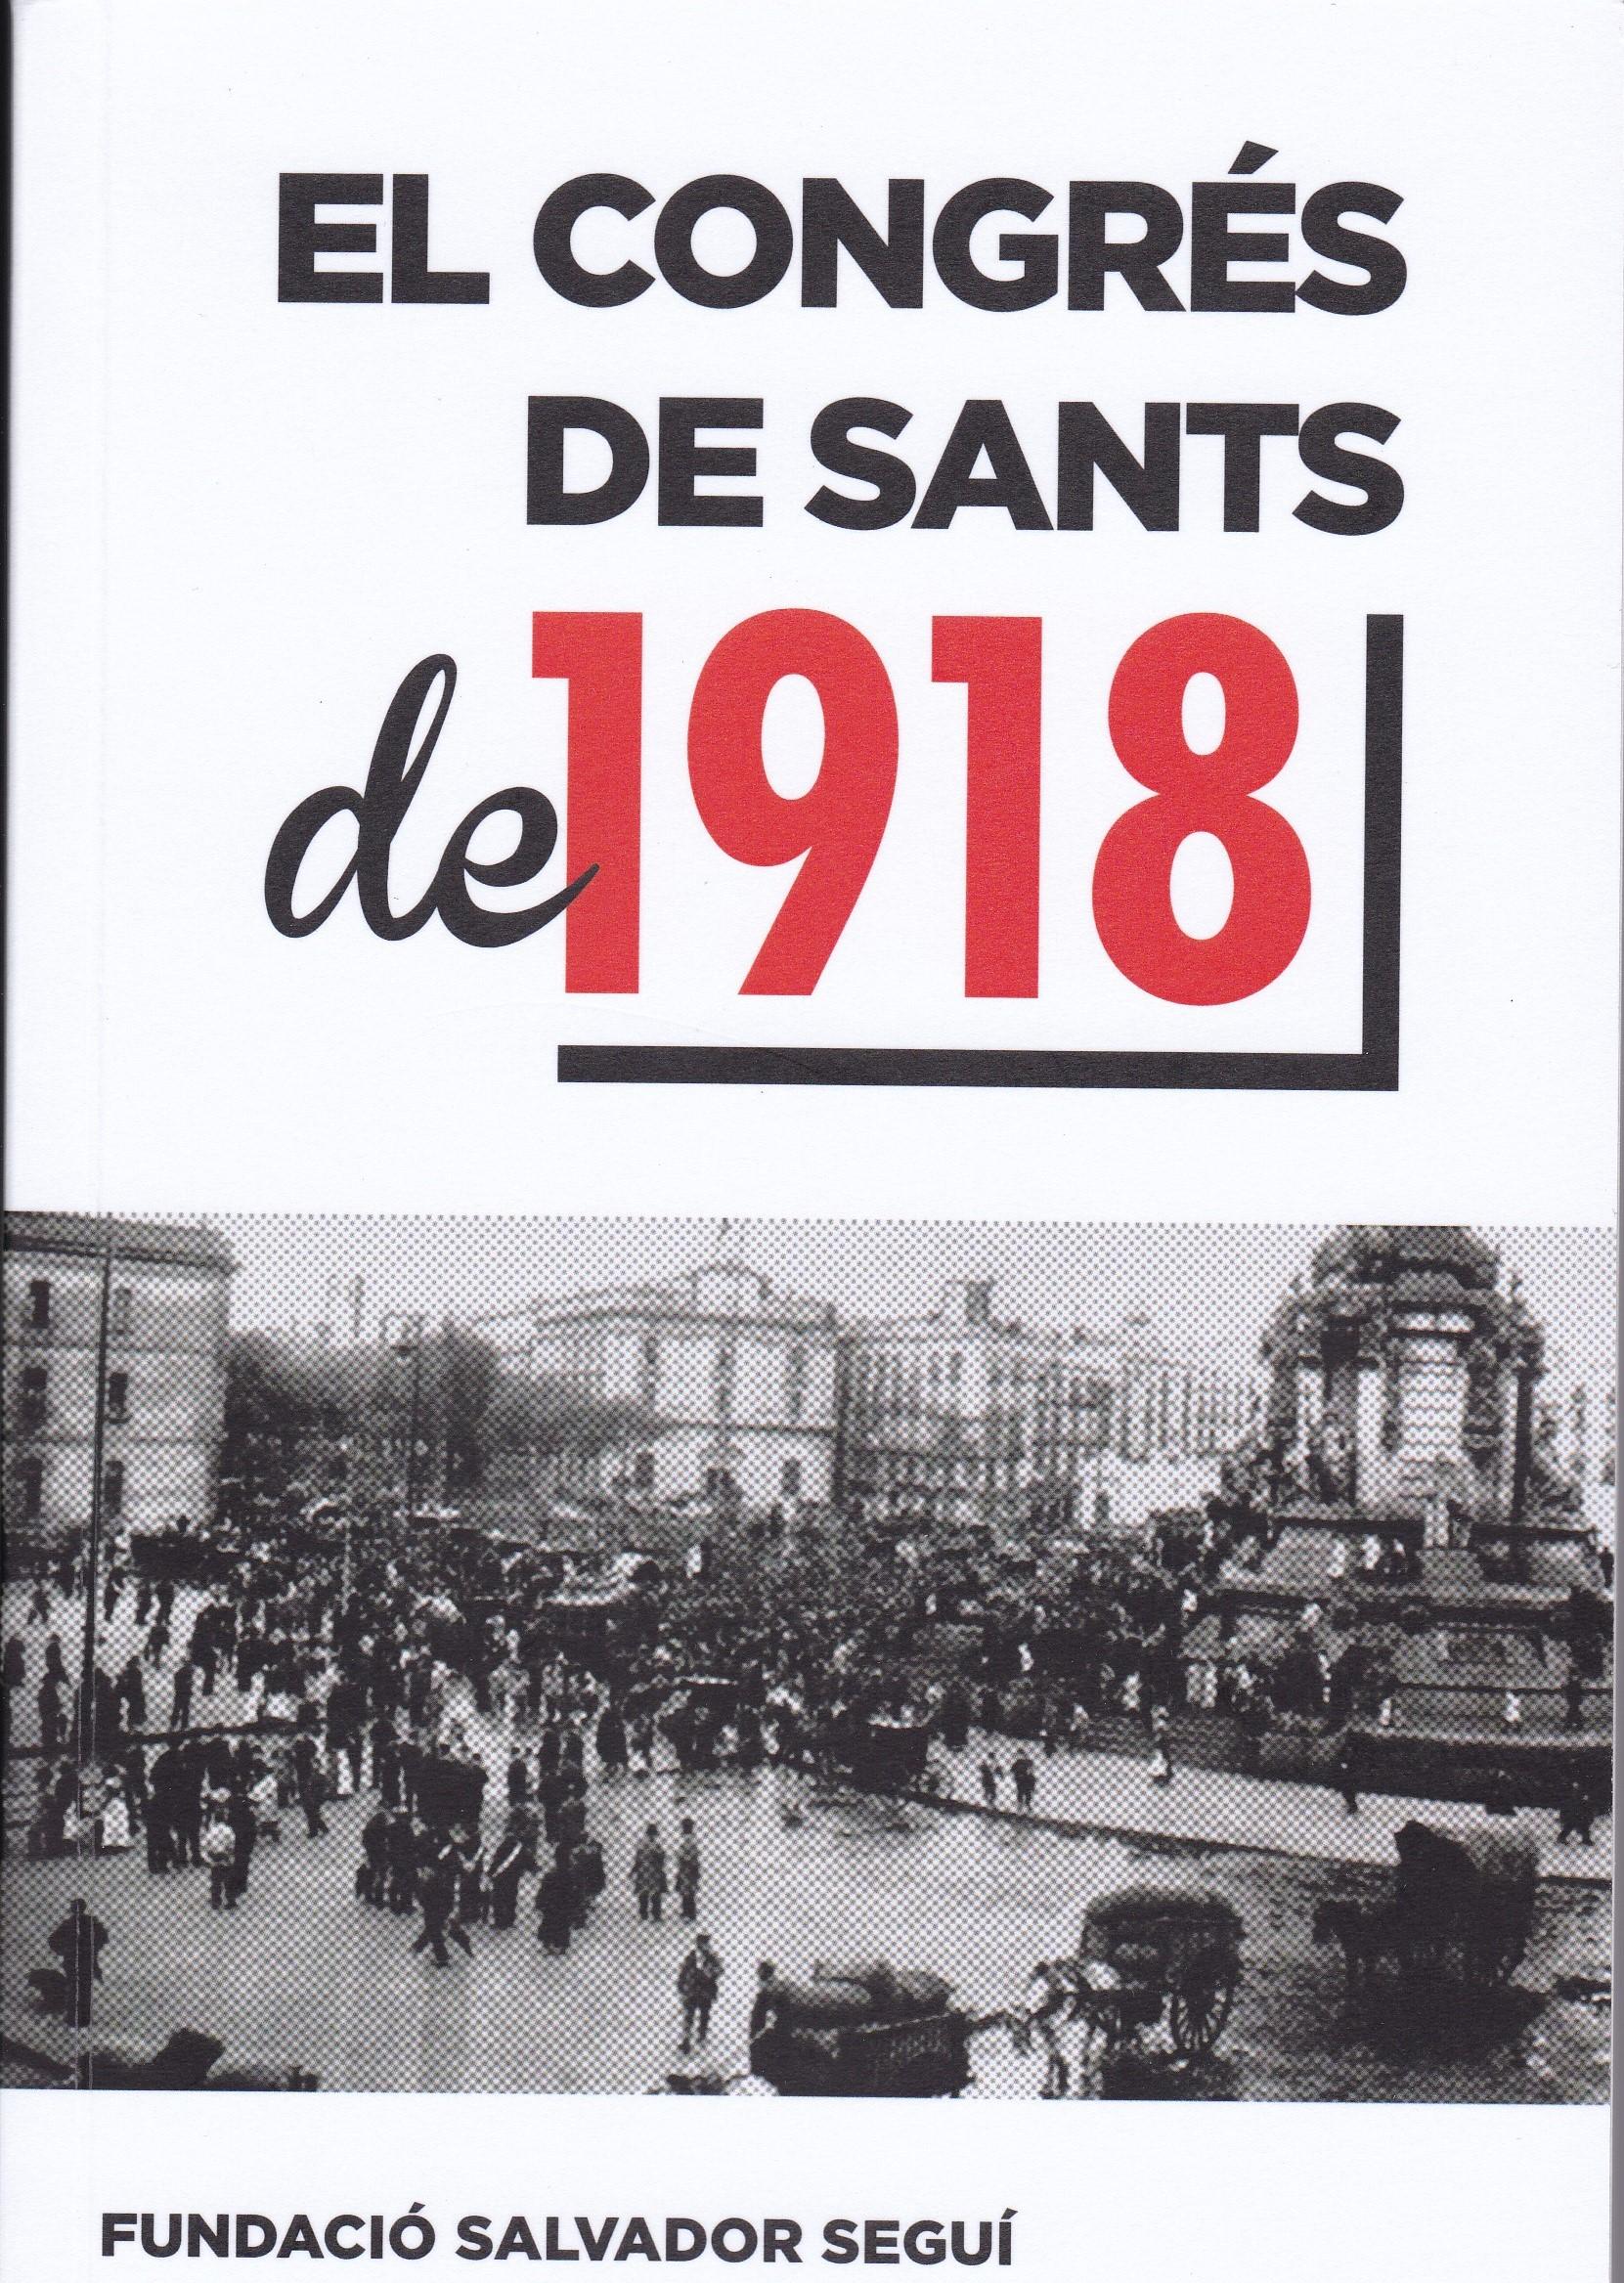 <a href='http://fundacionssegui.org/barcelona/ca/el-congres-de-sants-de-1918/'>El Congrés de Sants 1918</a>